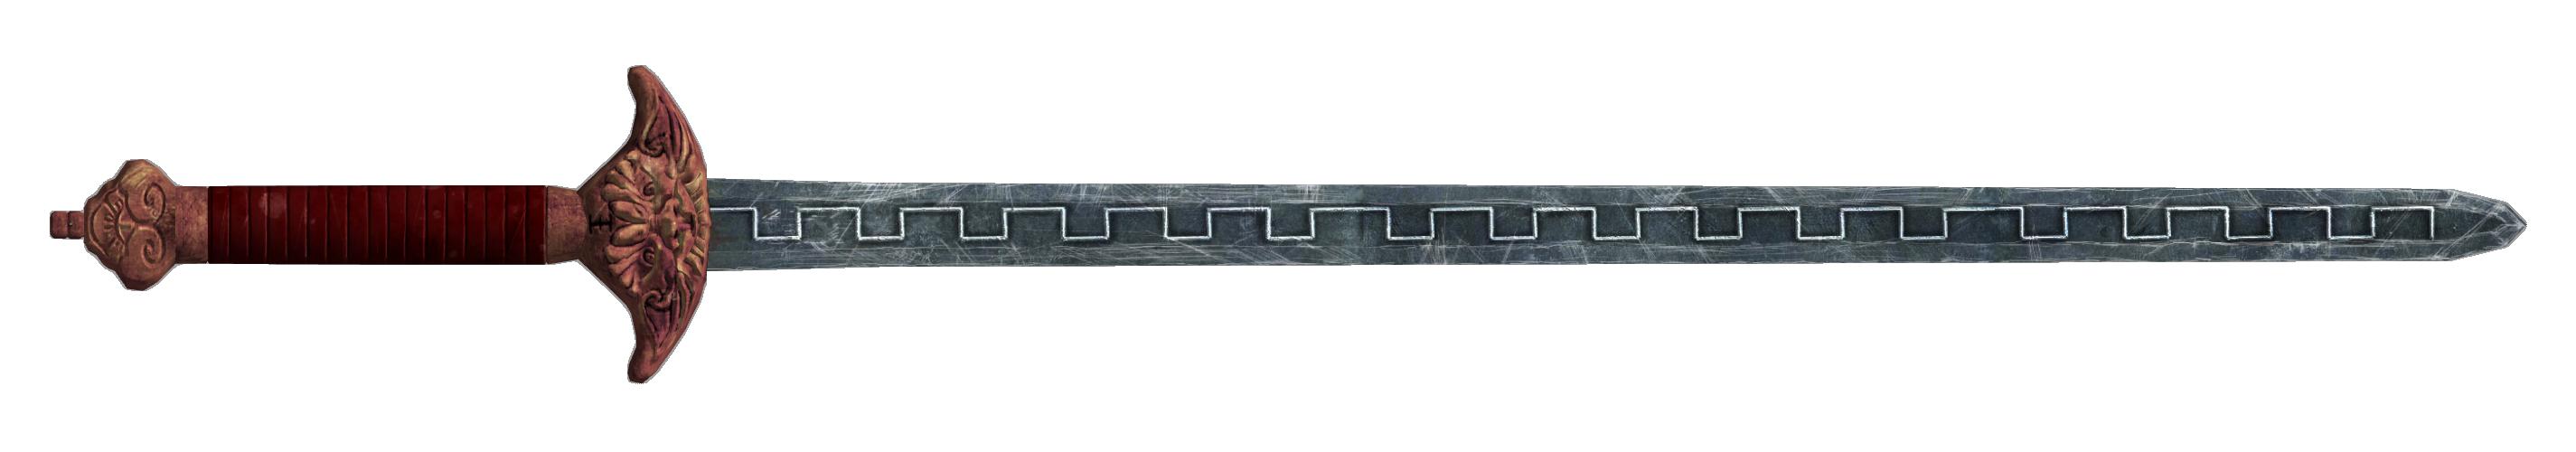 Jingwei's Shock Sword.png